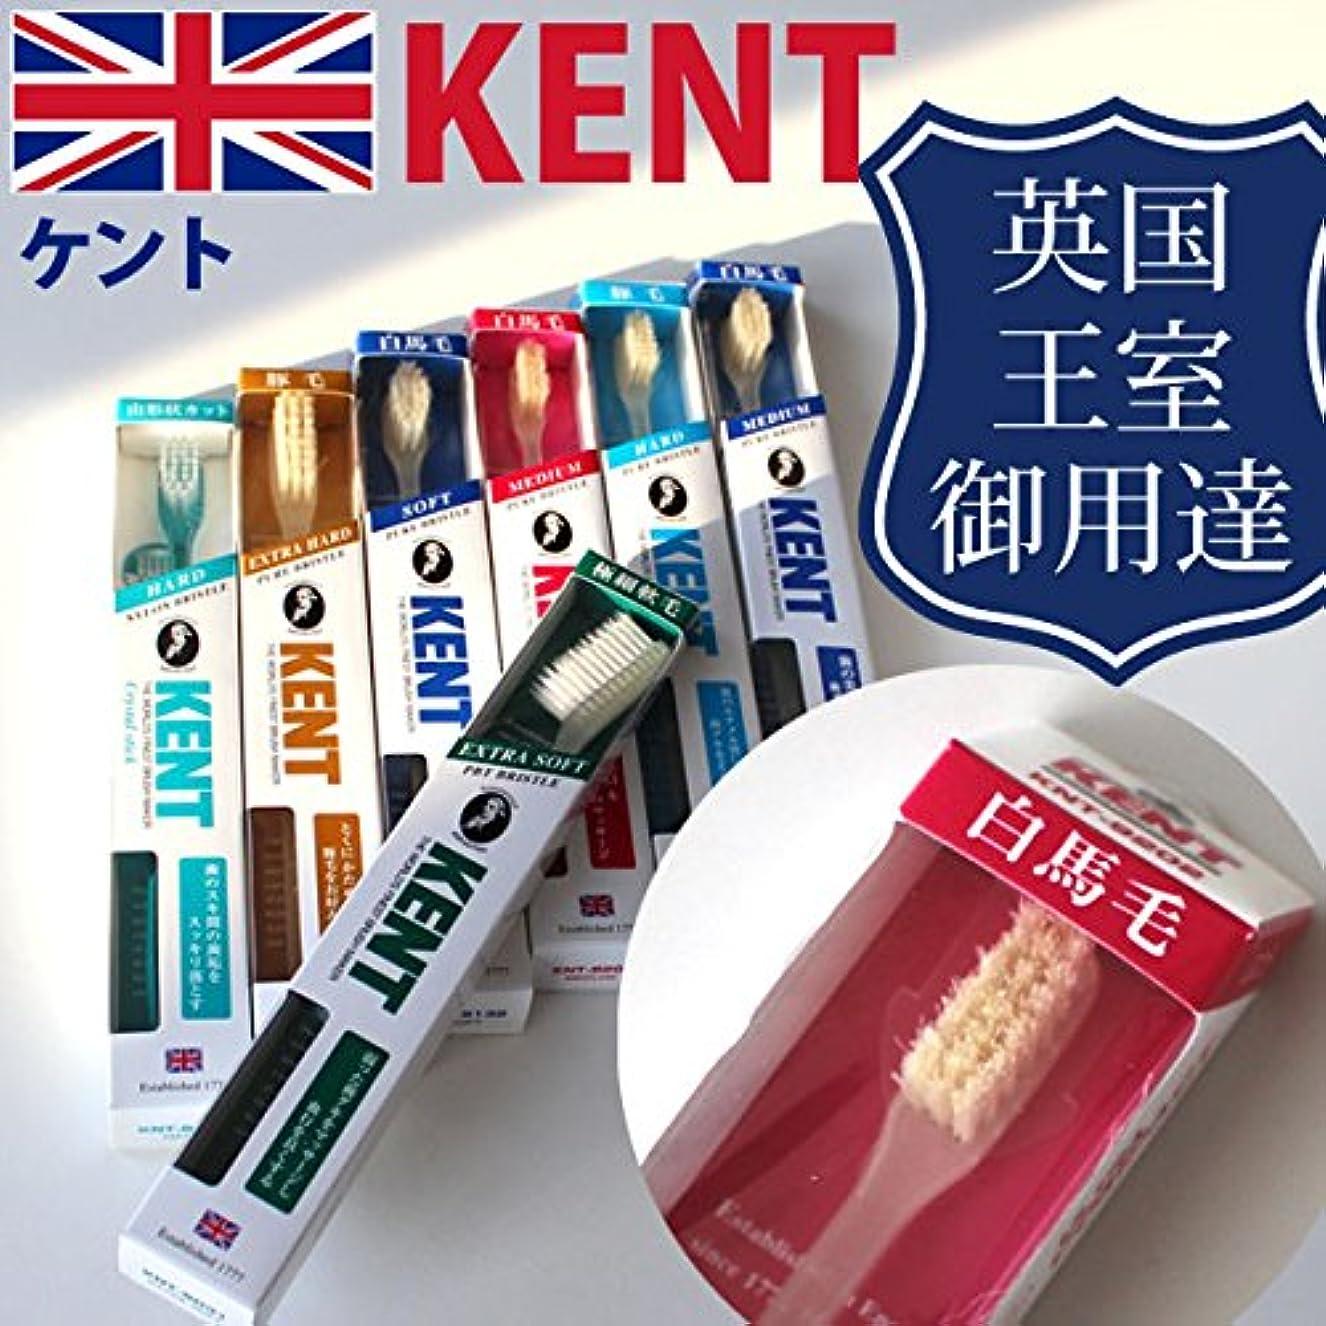 ぺディカブいくつかの振り向くケント KENT 白馬毛 超コンパクト歯ブラシ KNT-9102/9202 6本入り 他のコンパクトヘッドに比べて歯 ふつう